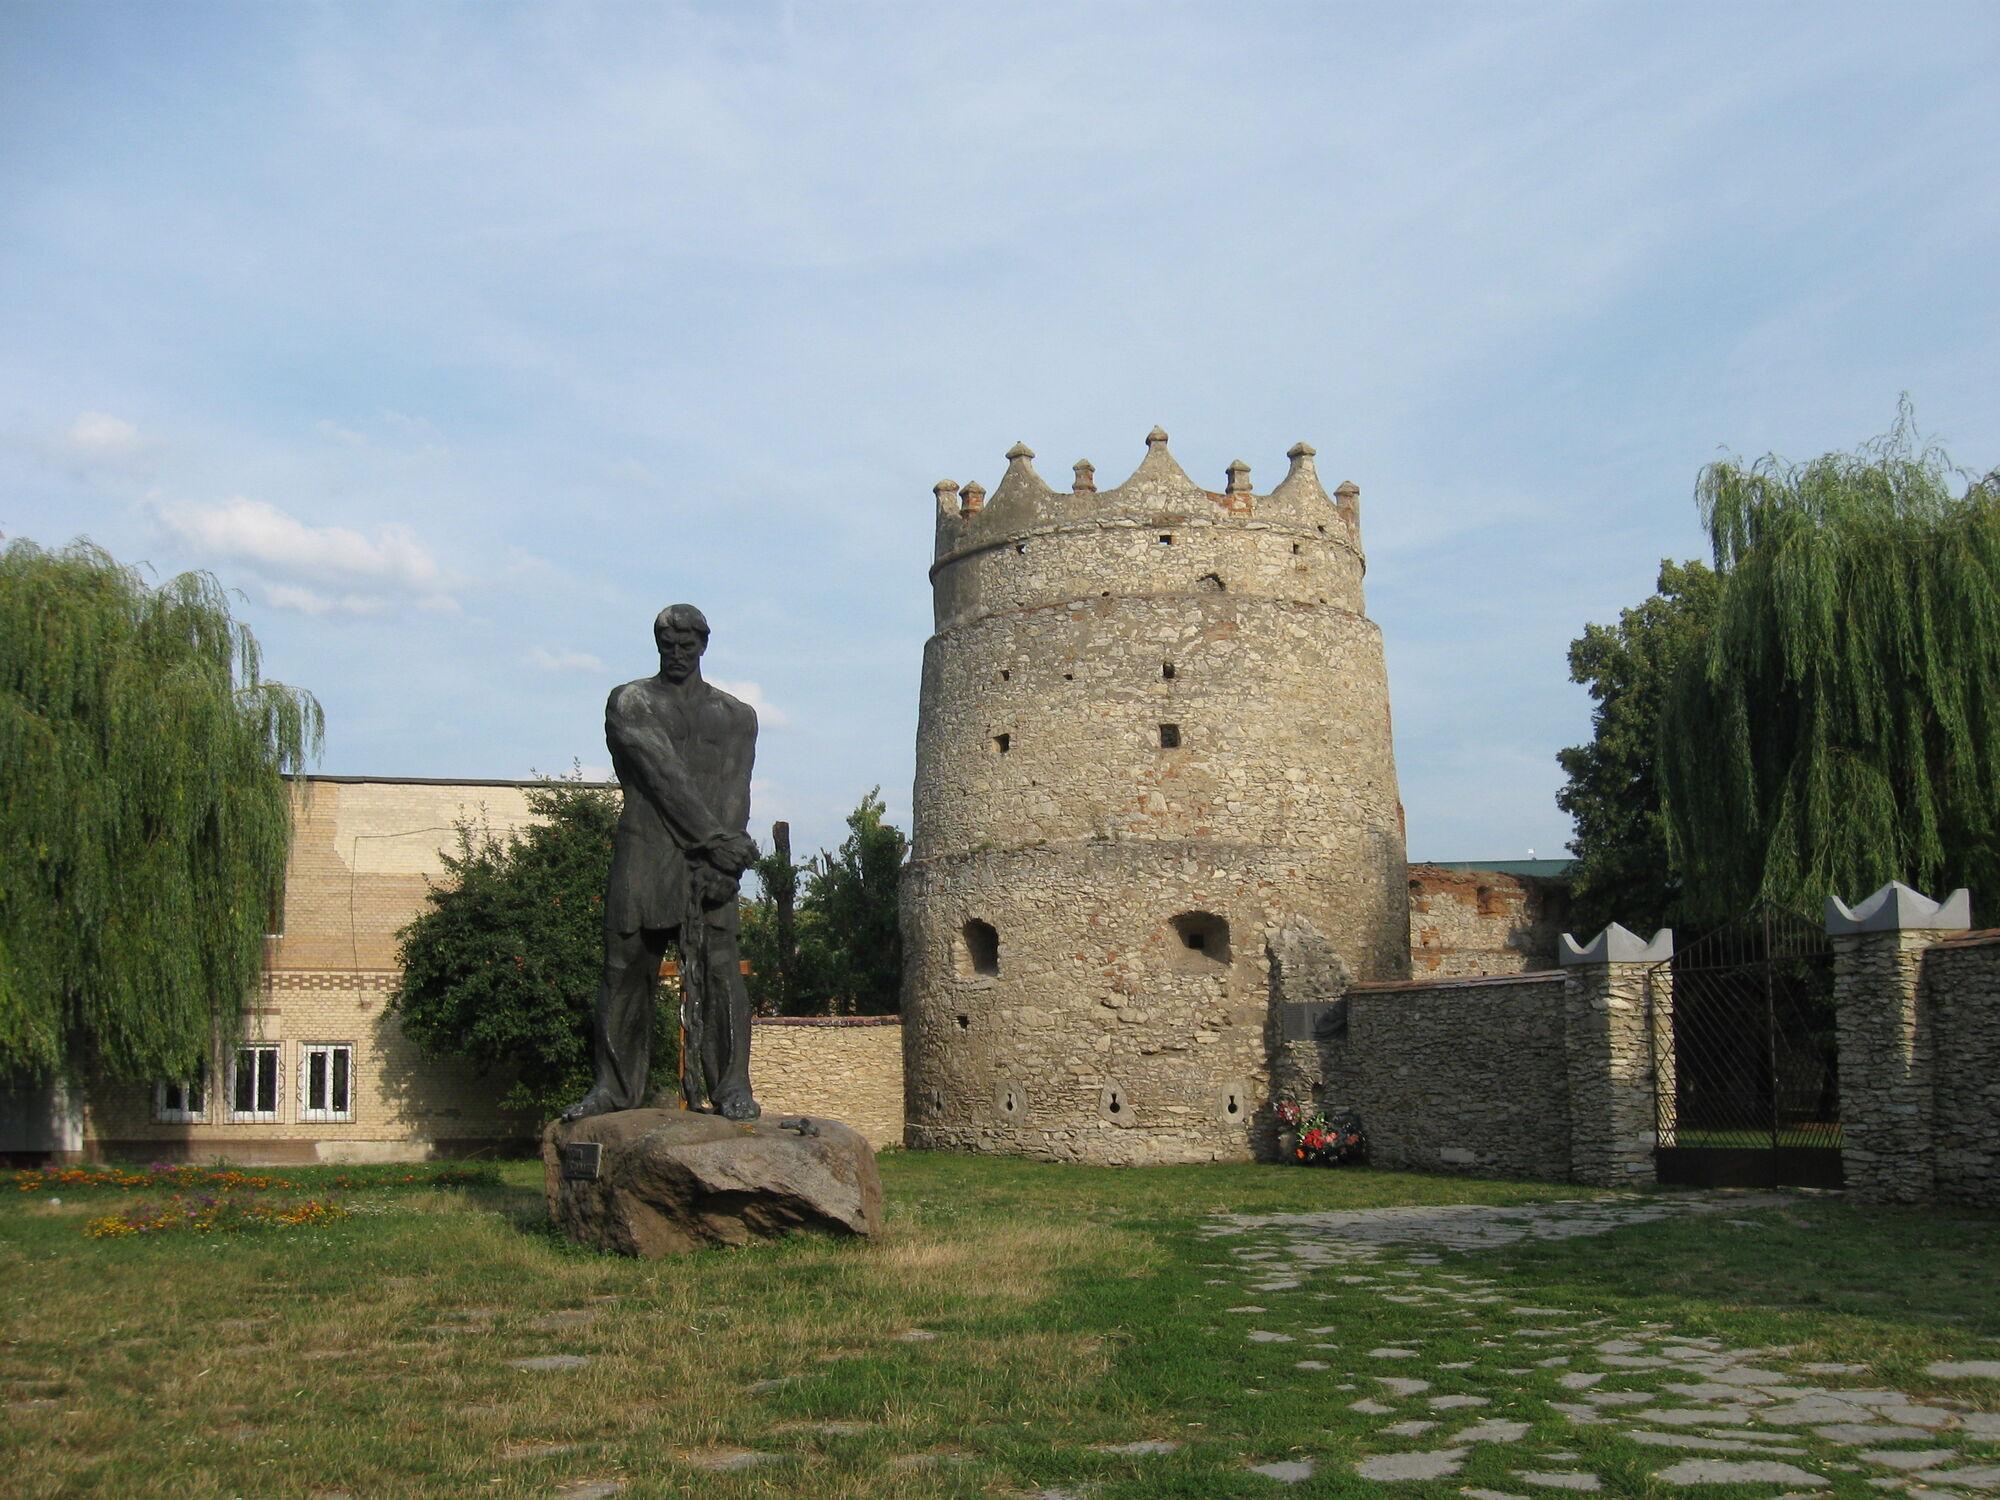 Летичівська вежа з п'ятиметровою статуєю повстанця Устима Кармелюка